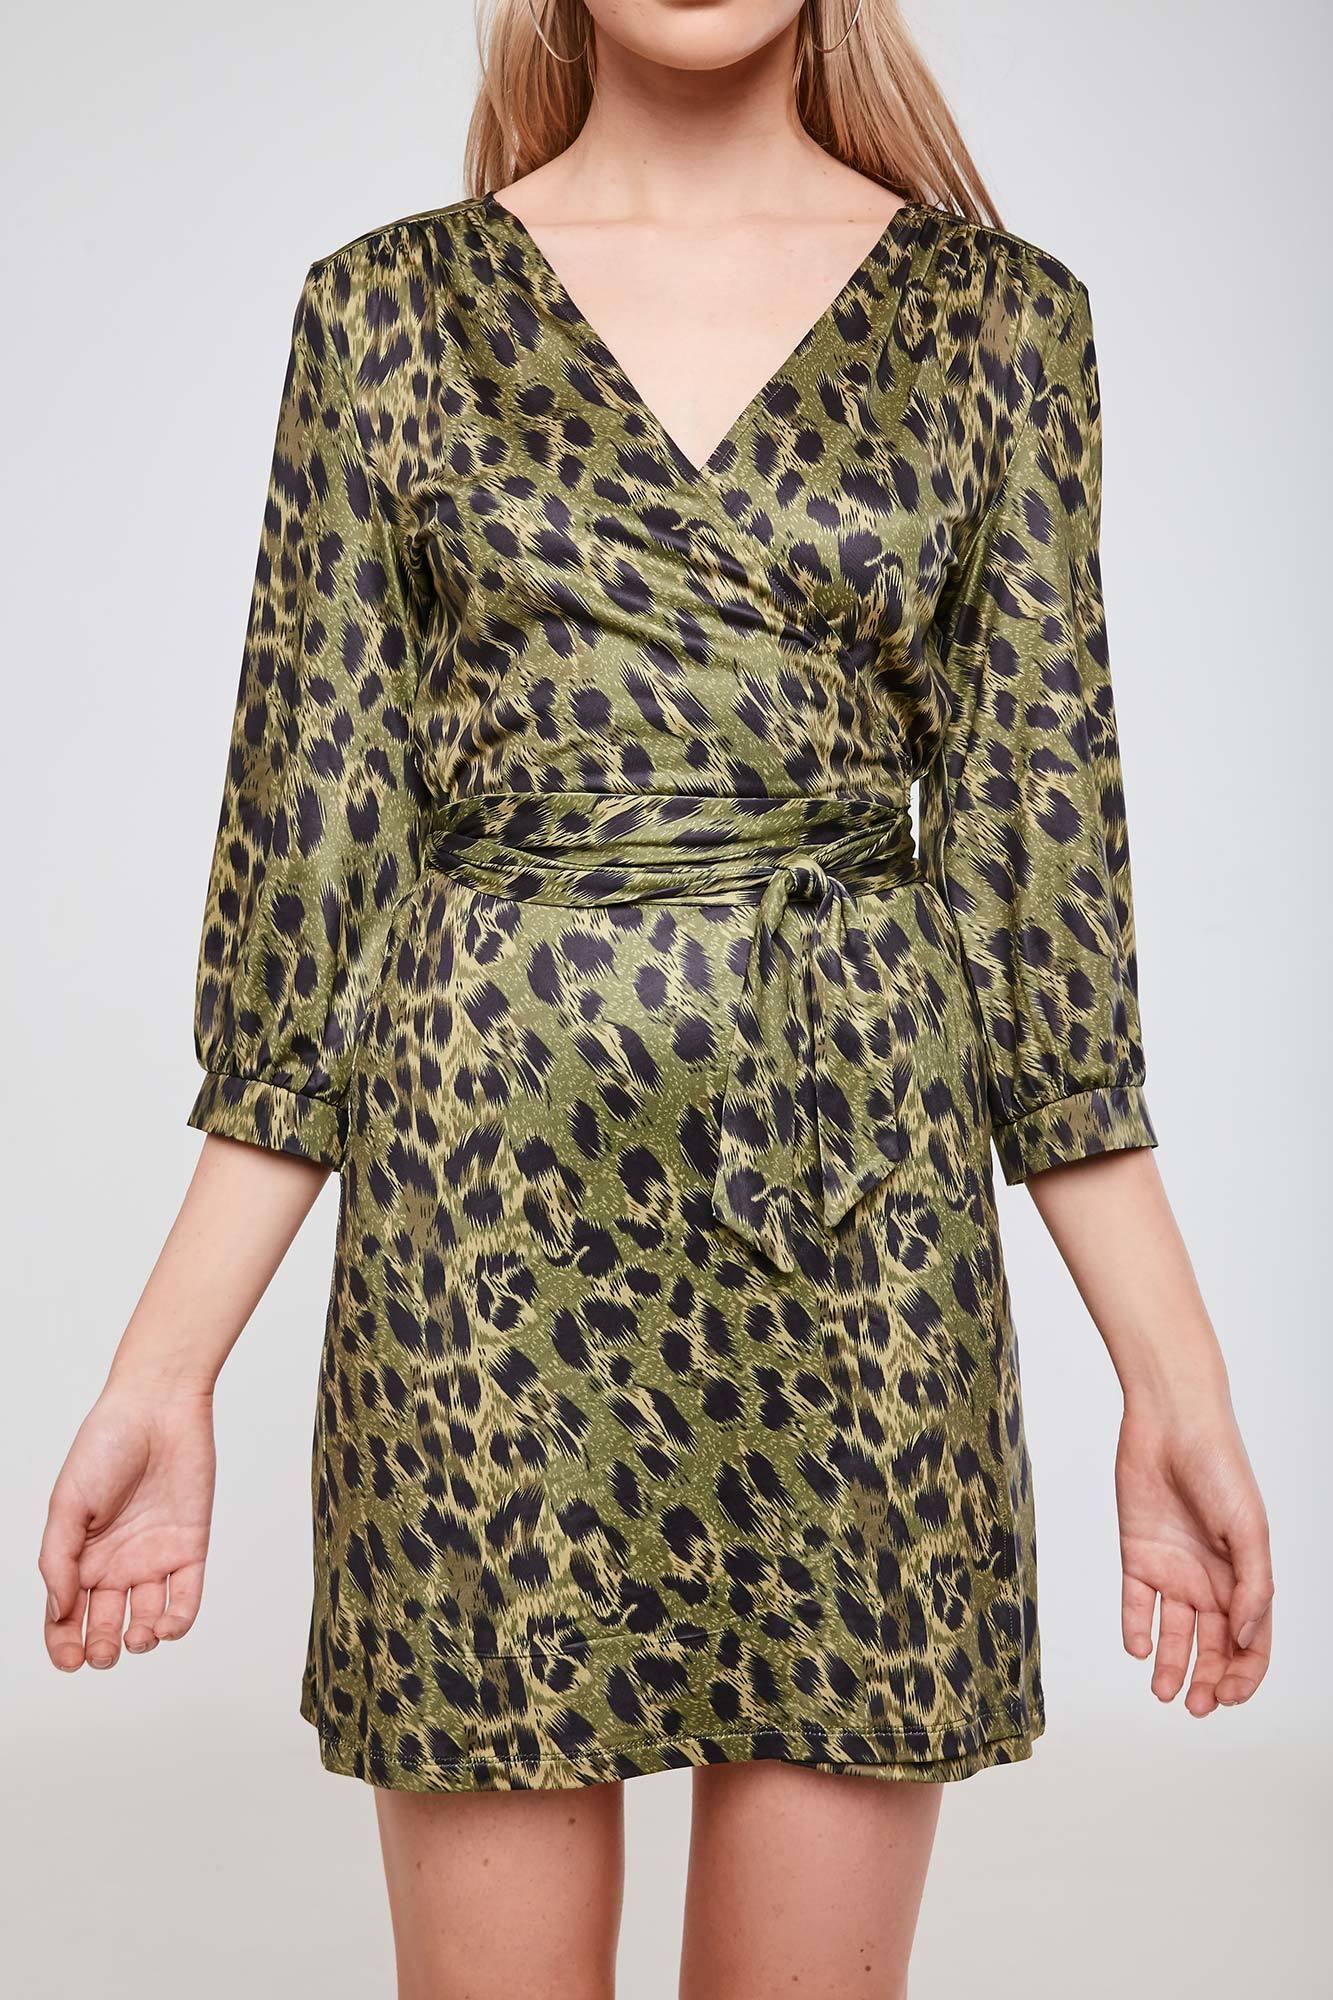 Leopard Print Long Sleeve Wrap Dress The Best Leopard 2018